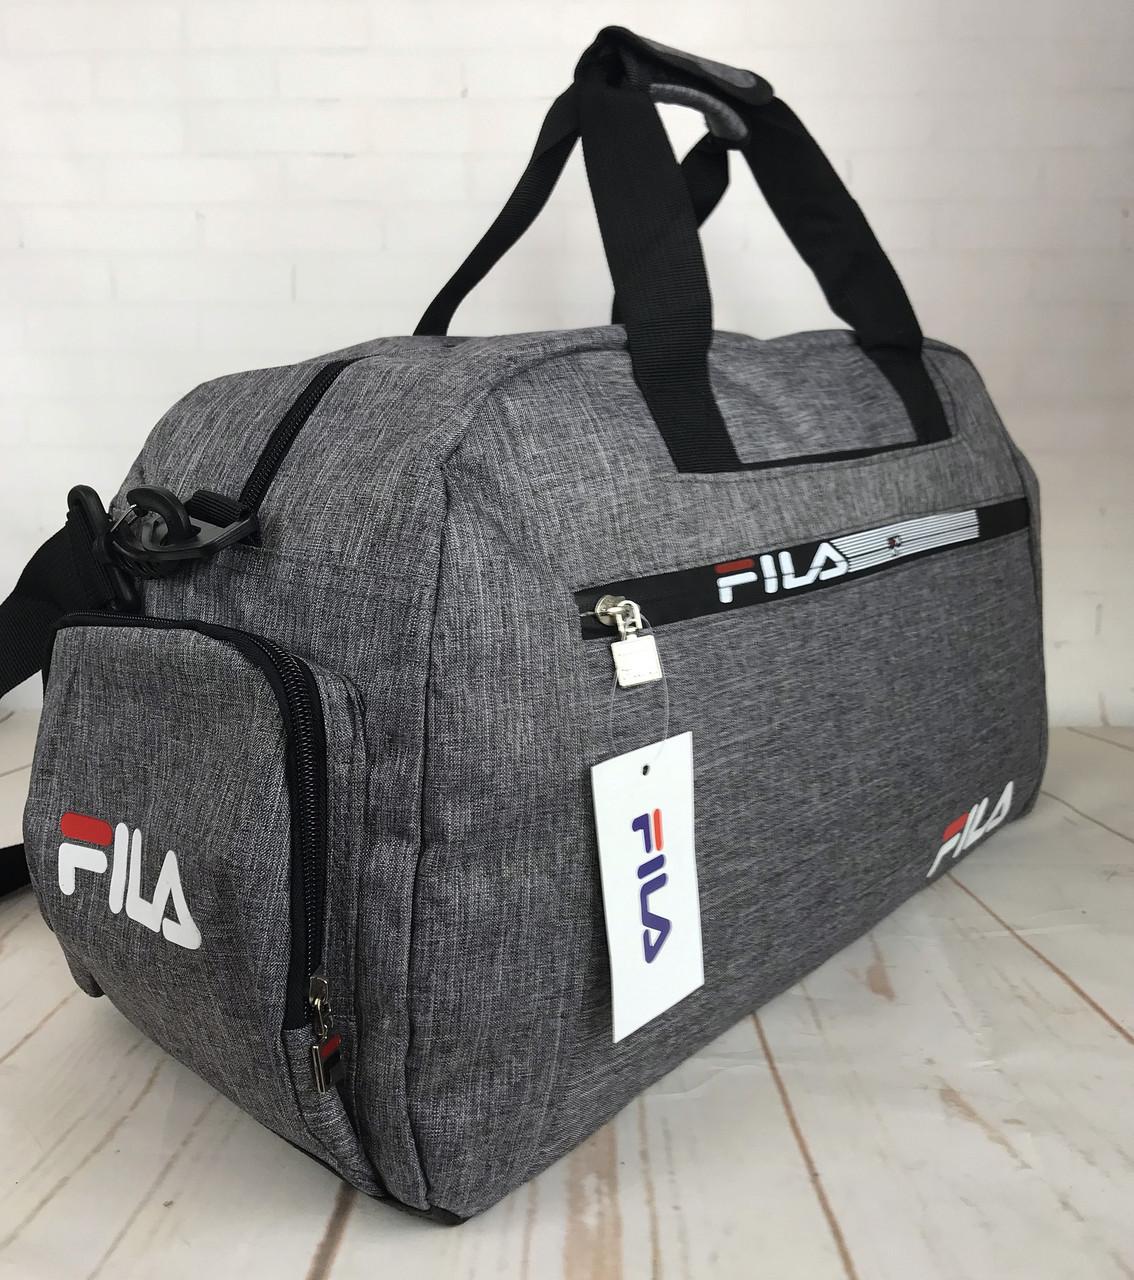 d01cbe78 ... Красивая спортивная сумка Fila.Сумка для тренировок. Дорожная сумка  КСС29, фото 6 ...